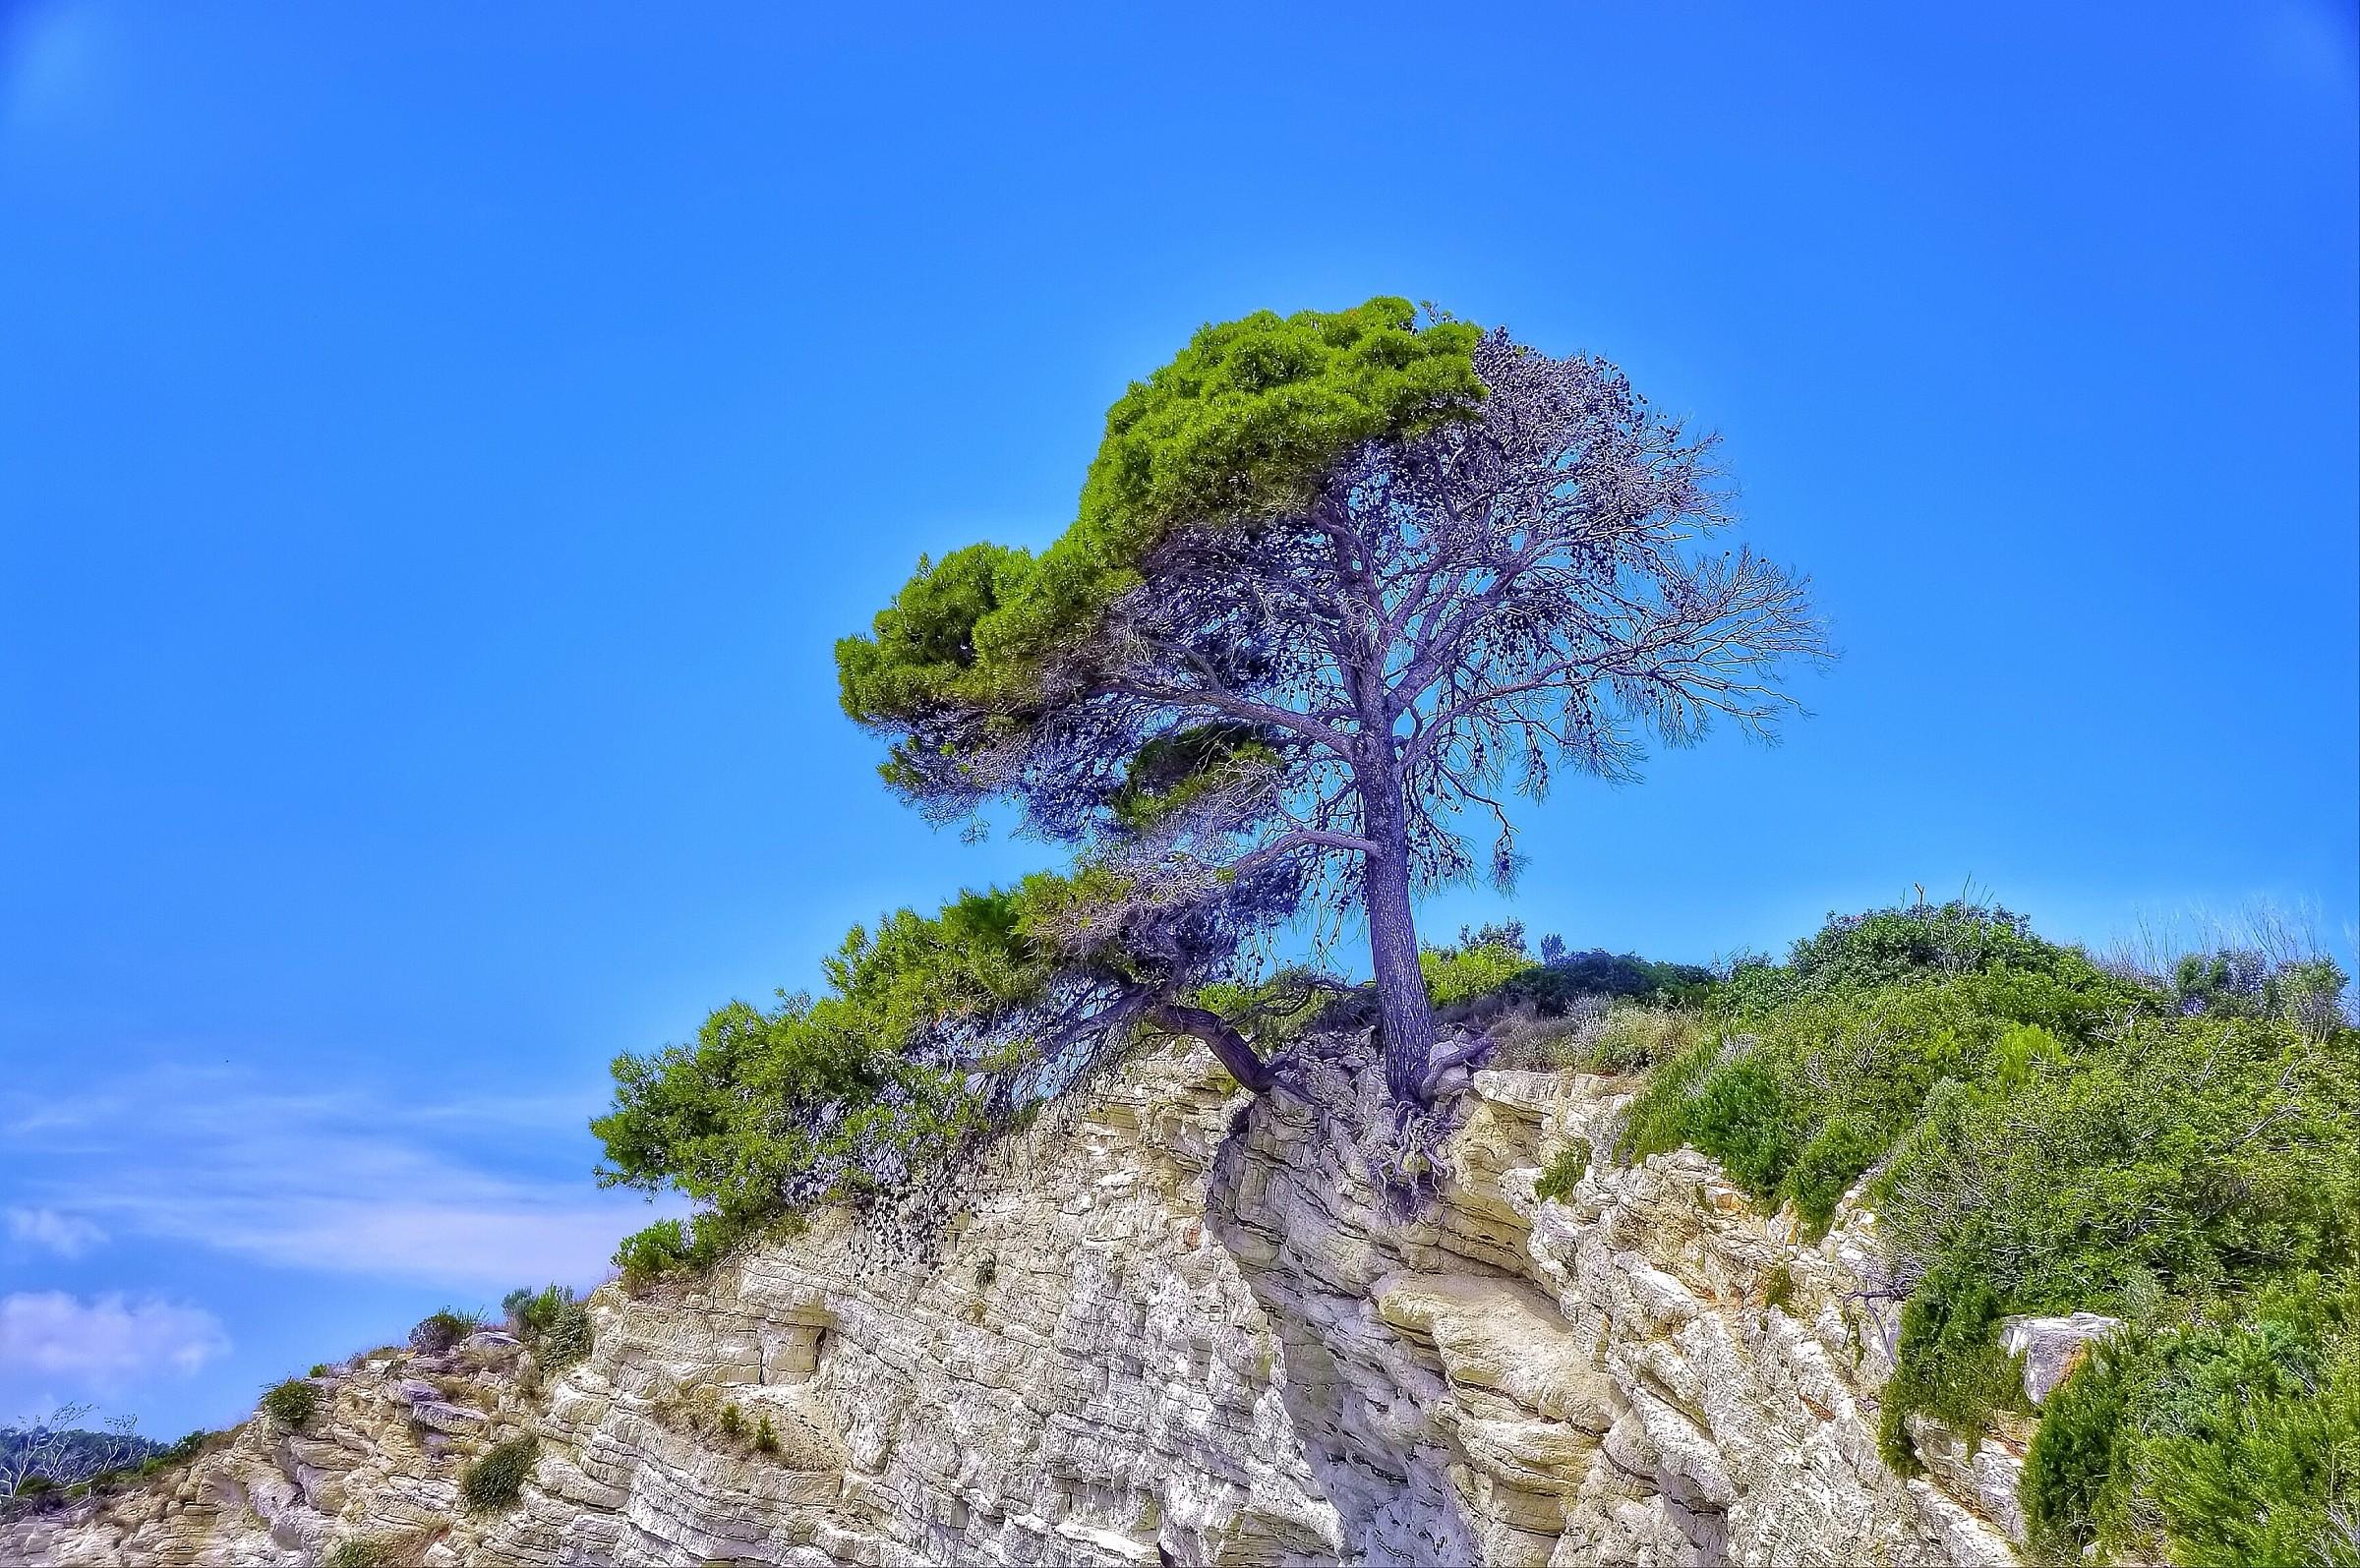 верстаются утвержденной дерево в скале картинки ремонты-самоделки многие другие